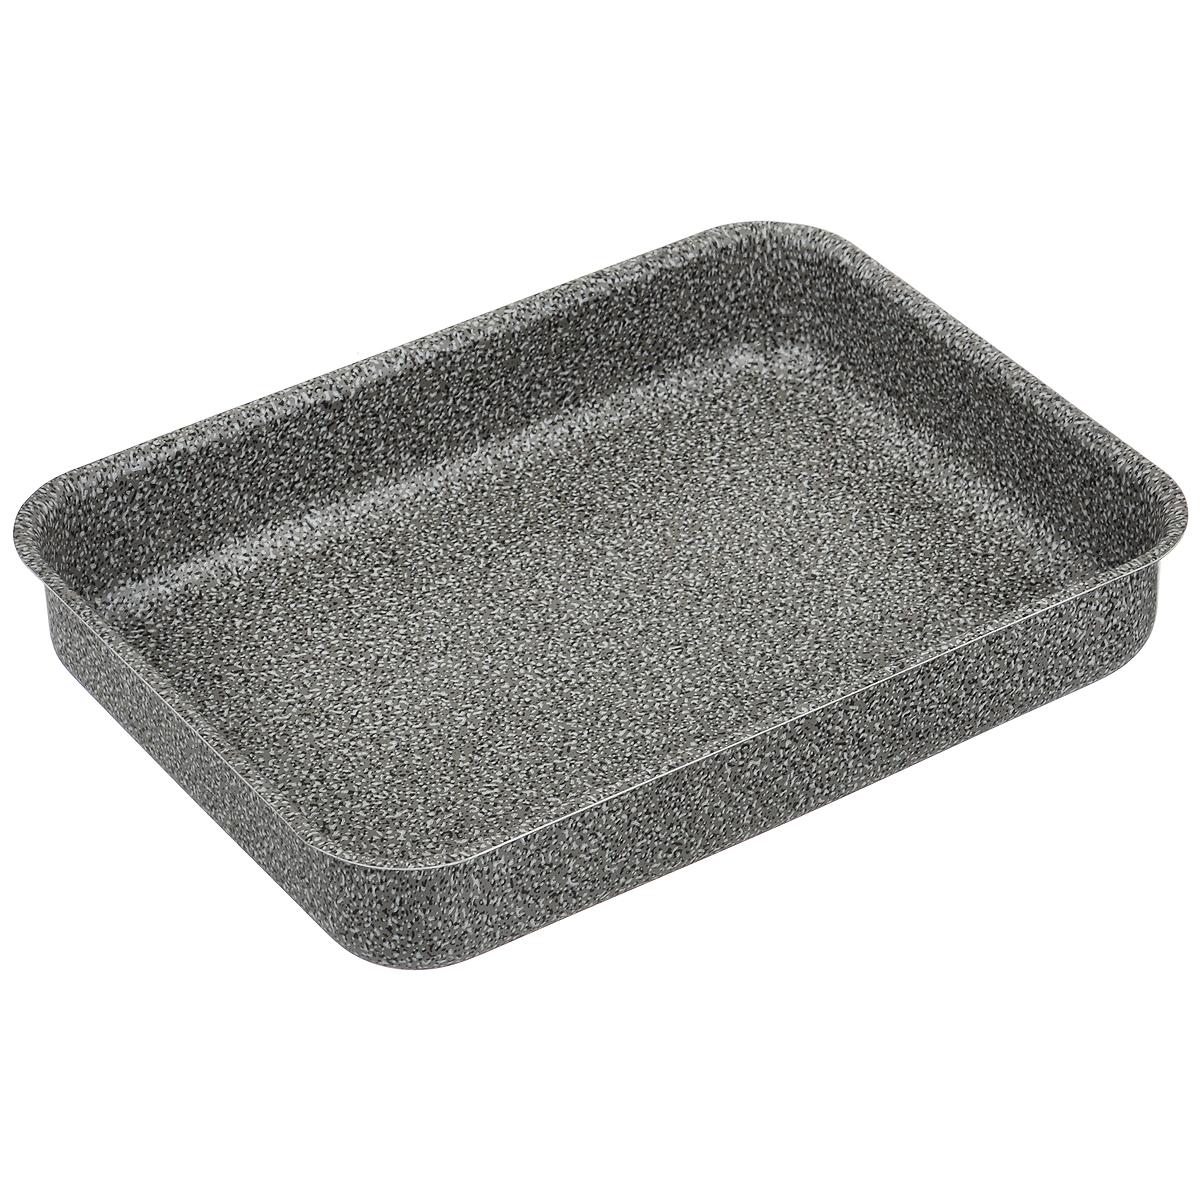 Противень для запекания Jarko, цвет: серый, 30 см х 22 смJO-11Противень Jarko изготовлен из экологичного алюминия с пятислойным внутренним и внешним антипригарным покрытием нового поколения PTFE Greblon. Сверху имеется еще 2 слоя с эффектом каменного покрытия от Weilburger. Покрытие не оставляет послевкусия, делает возможным приготовление блюд без масла, сохраняет витамины и питательные вещества. Оно обладает повышенной стойкостью к царапинам и внешним воздействиям. Внешнее декоративное покрытие выдерживает высокую температуру. Антипригарный противень - лучший современный вариант для использования в духовом шкафу. Незаменимый атрибут для приготовления запеканок, всевозможных блюд из мяса и овощей, а также выпечки из теста и изысканных кондитерских блюд. Подходит для чистки в посудомоечной машине. Не применять абразивные чистящие средства. Не использовать жесткие щетки.